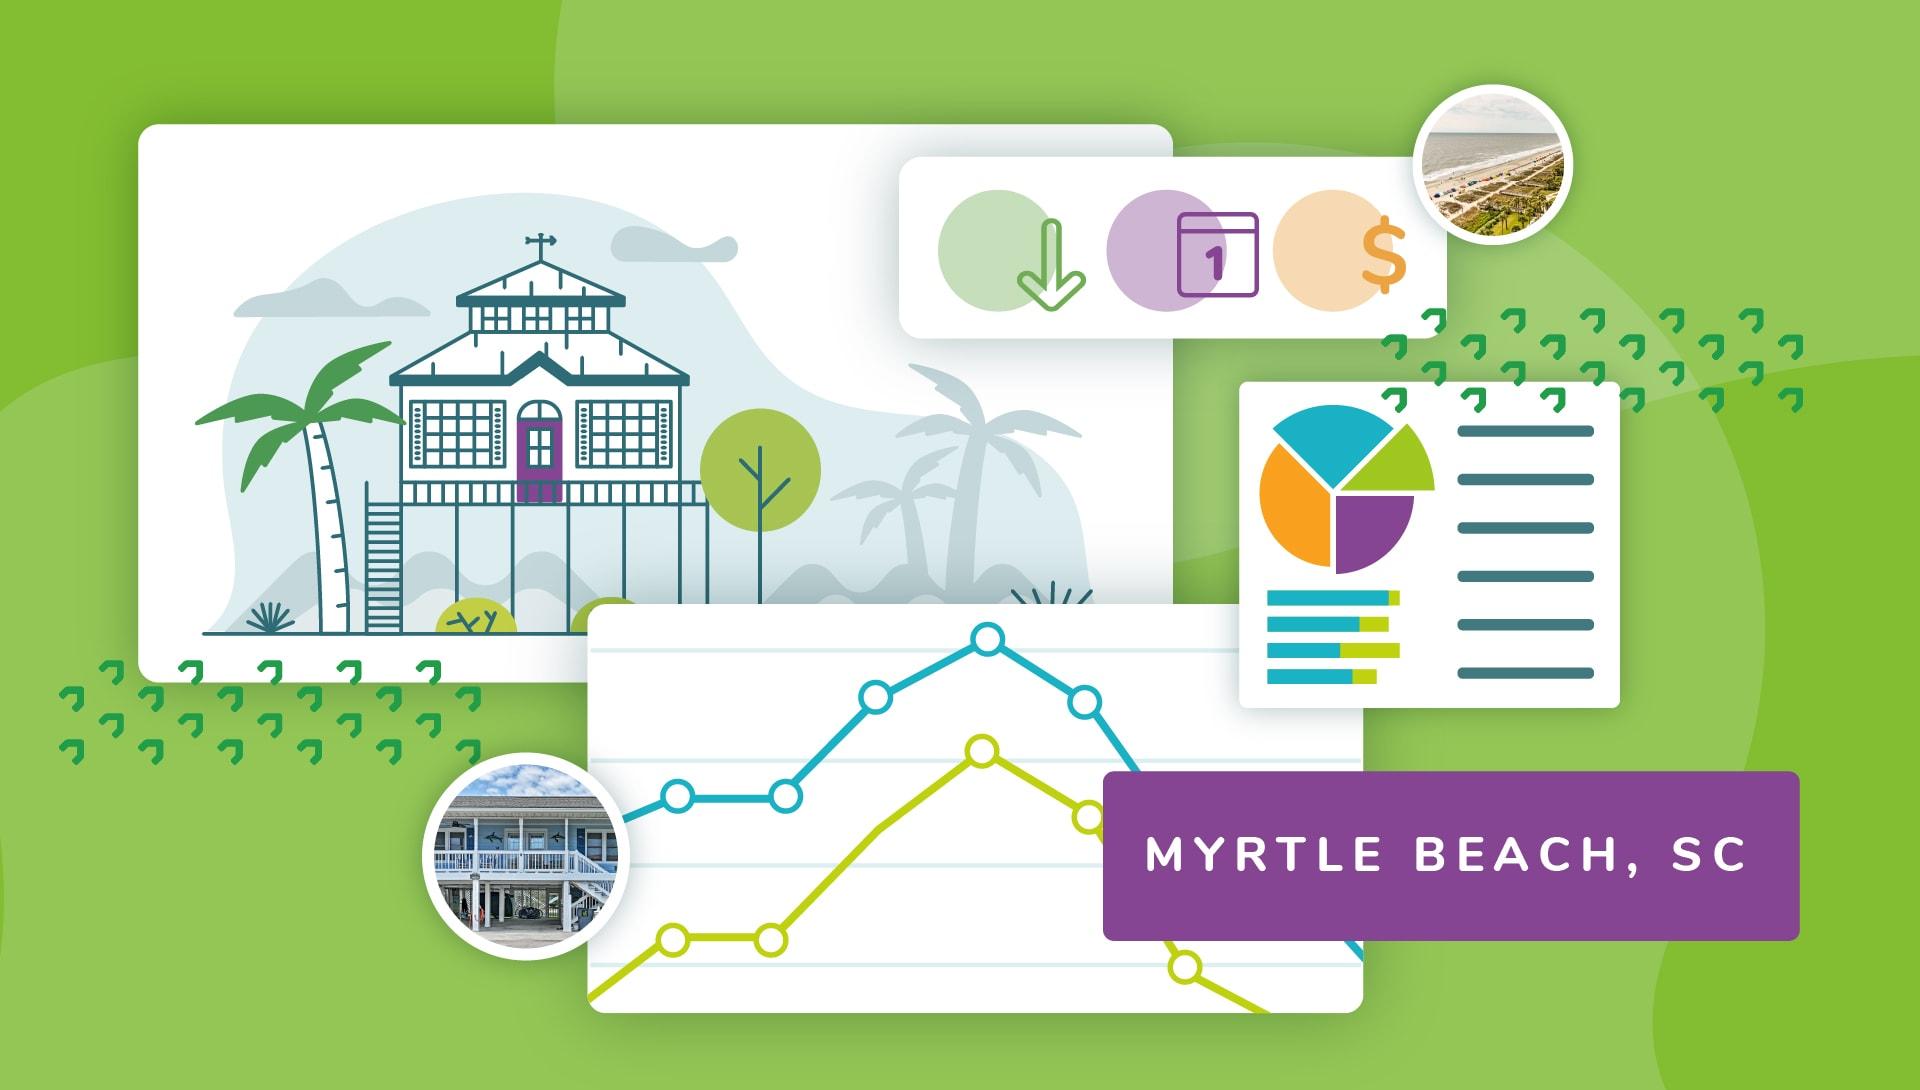 Vacation Rental Market Analysis: Myrtle Beach, SC